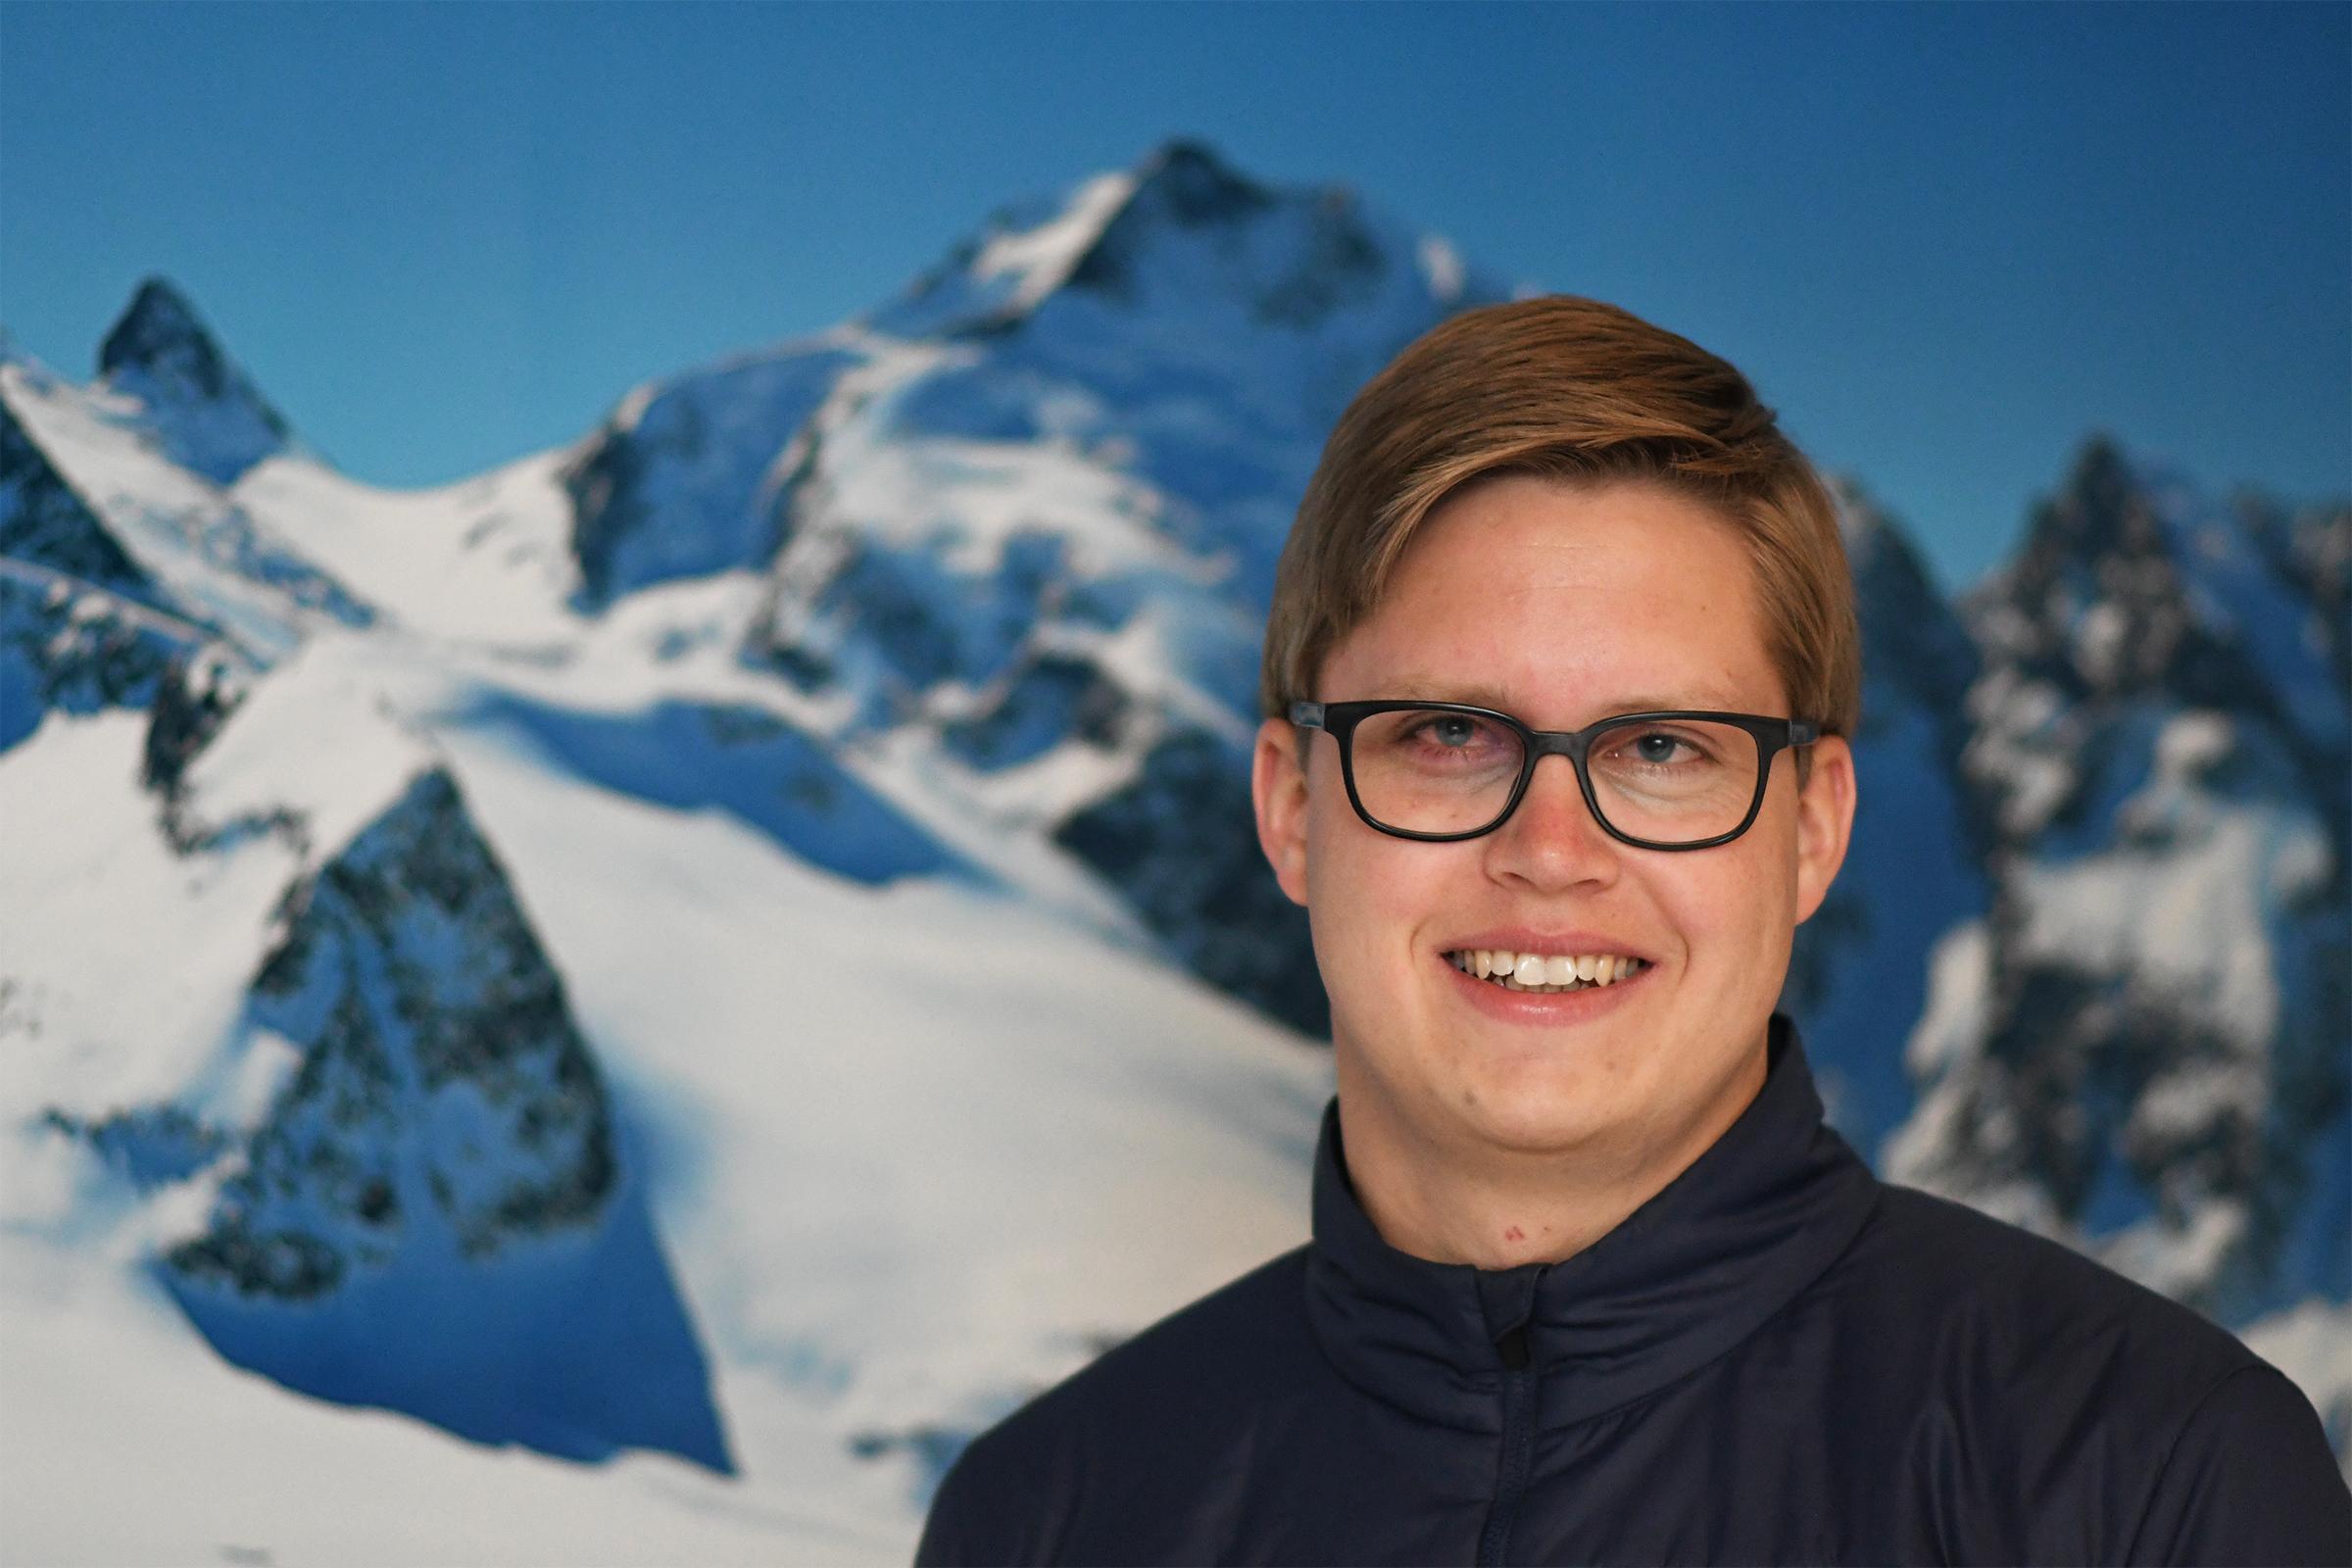 Fabian Scheeder